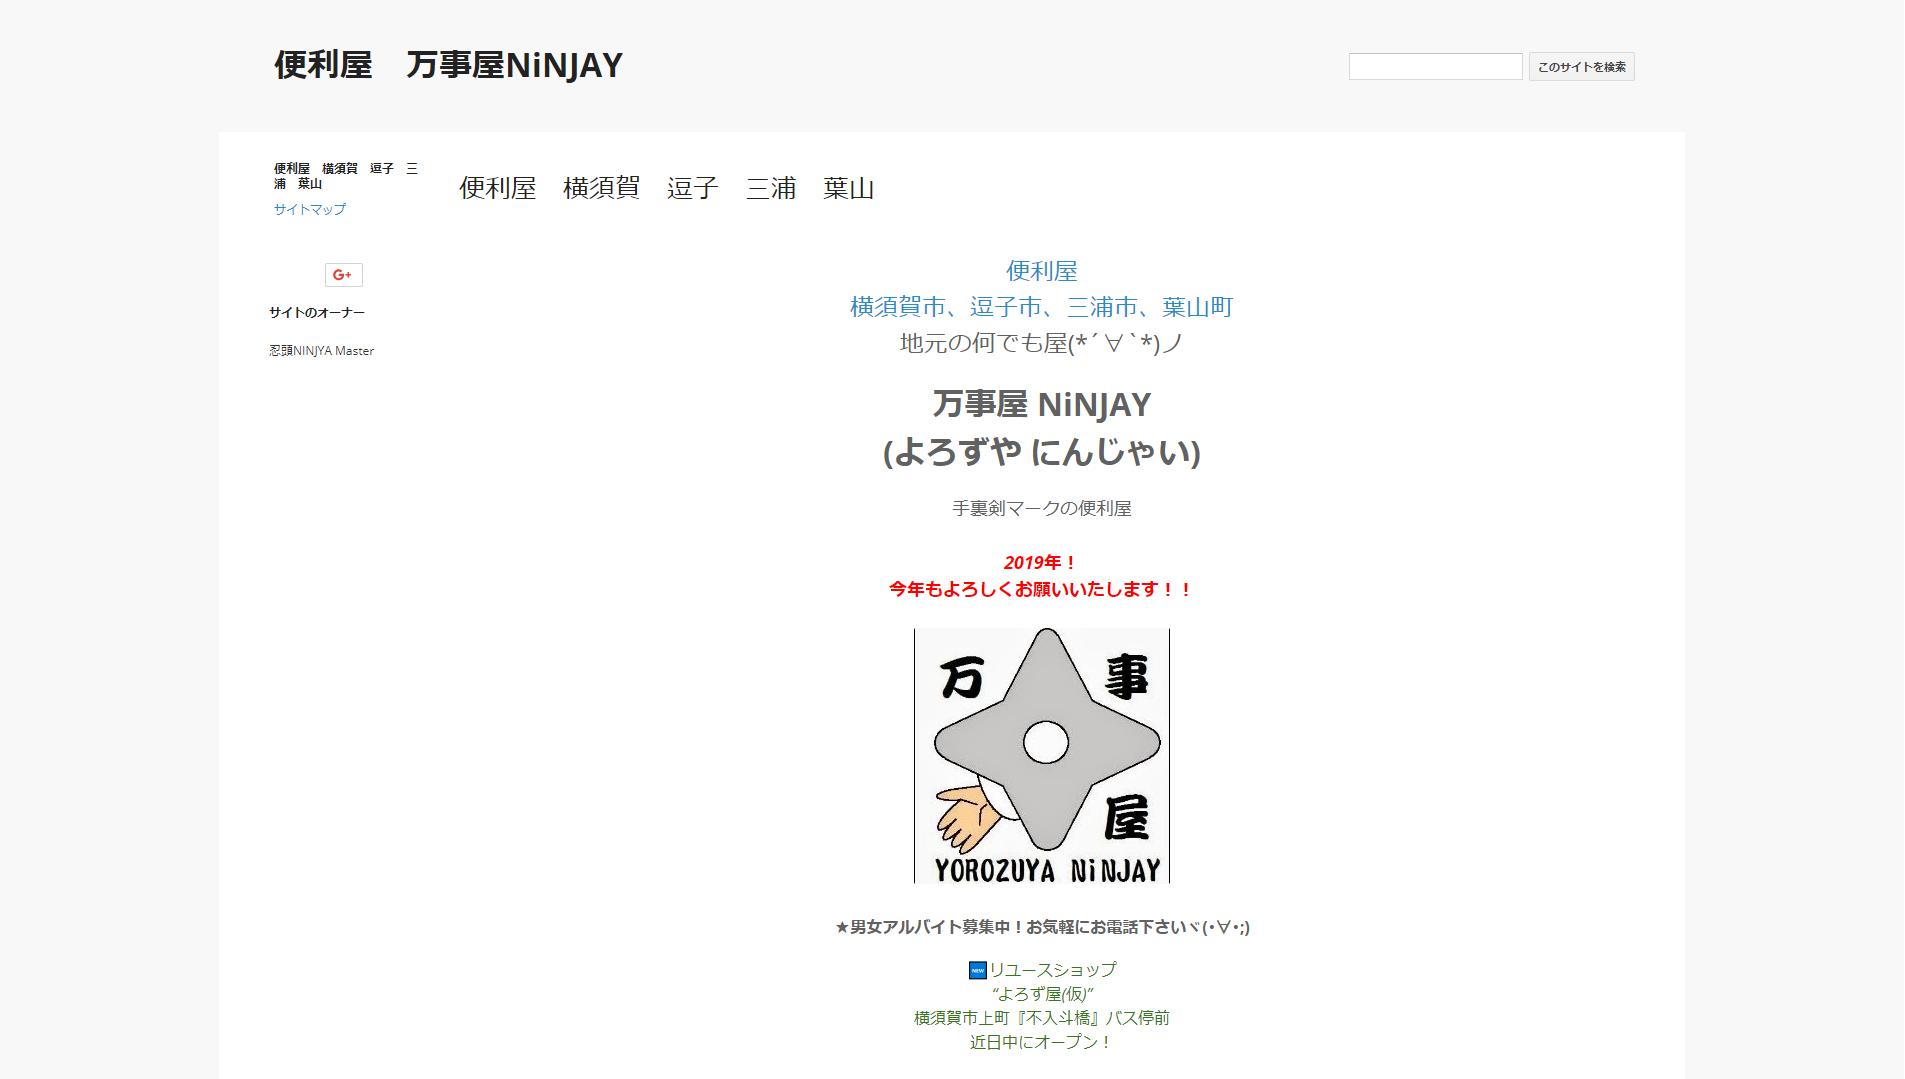 万事屋NiNJAY( 神奈川県横須賀市大矢部)